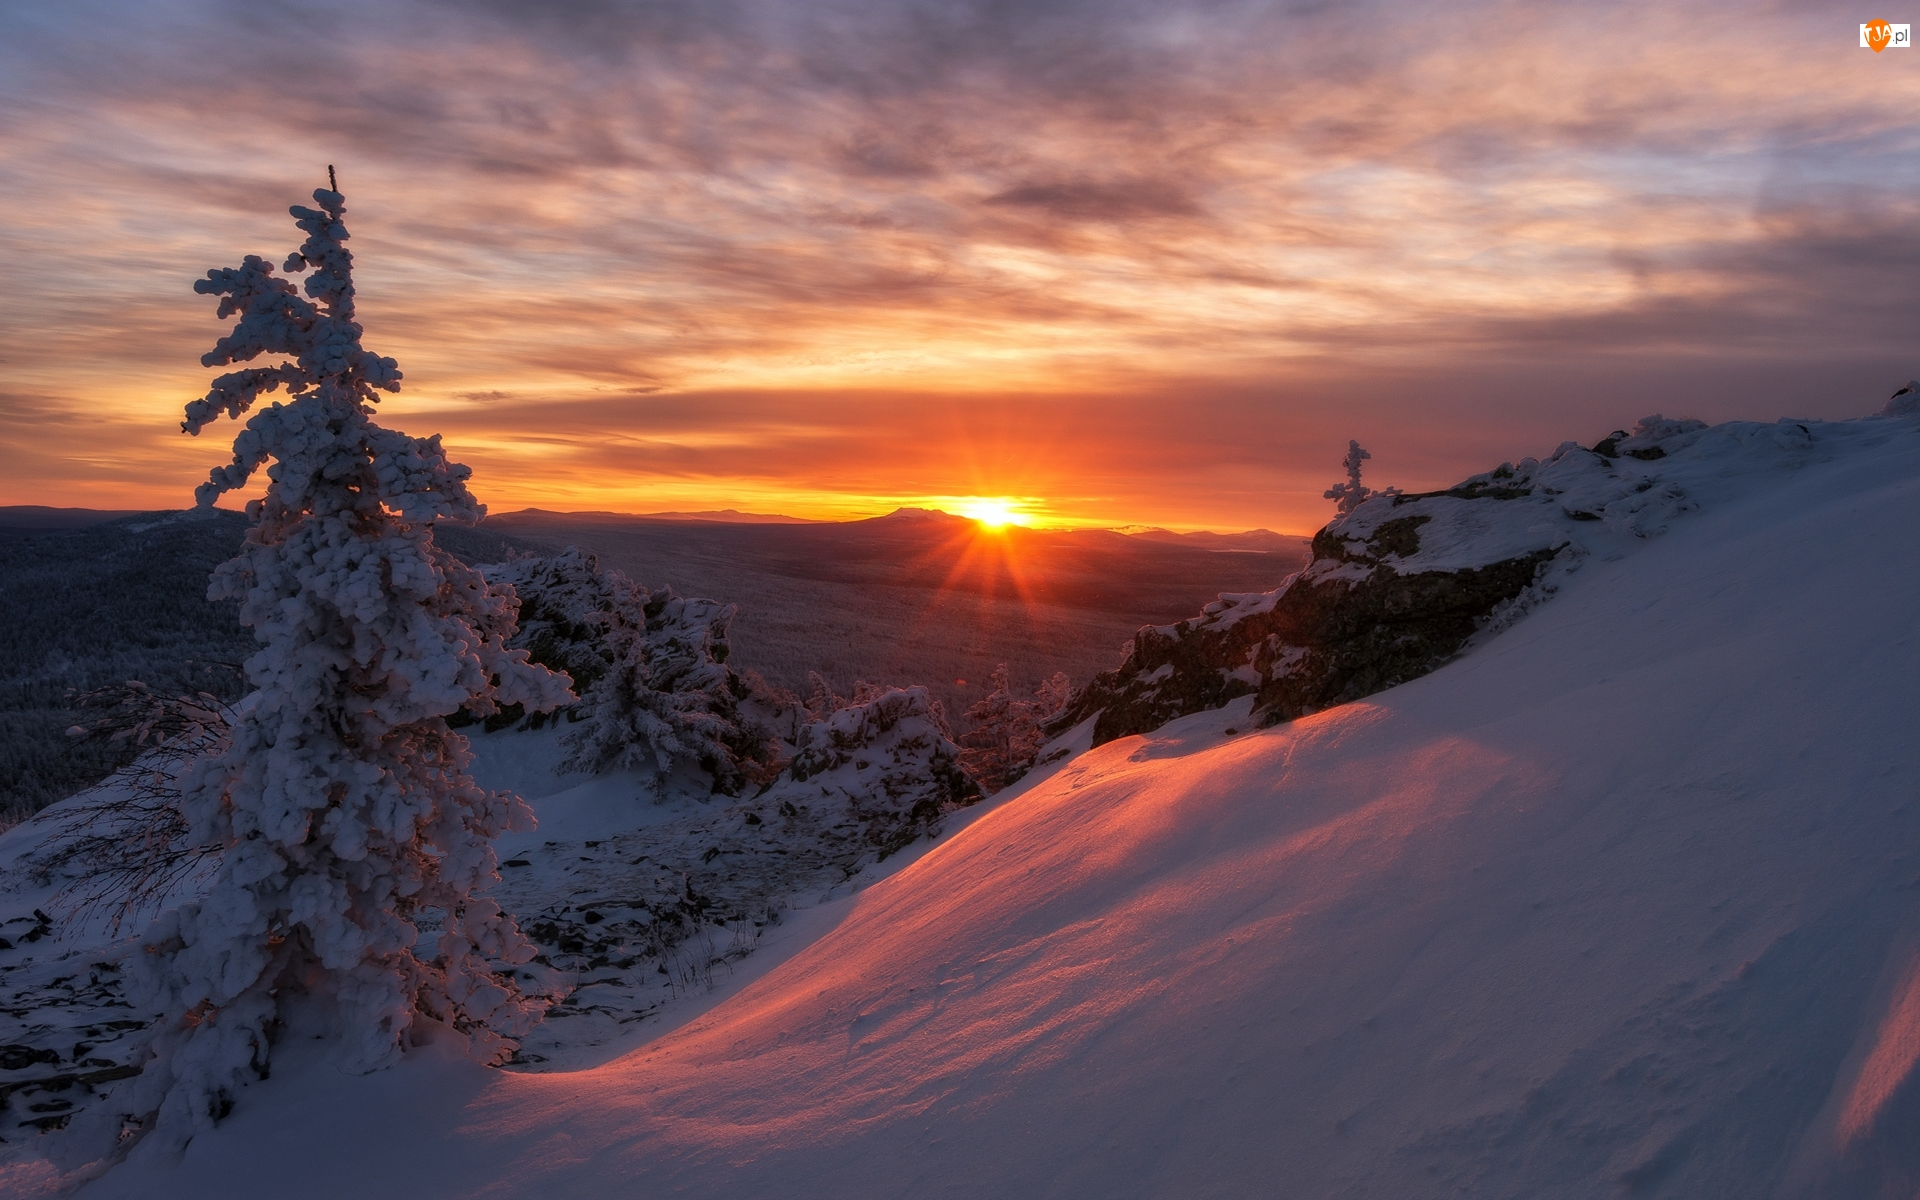 Drzewa, Chmury, Góry, Zima, Zachód słońca